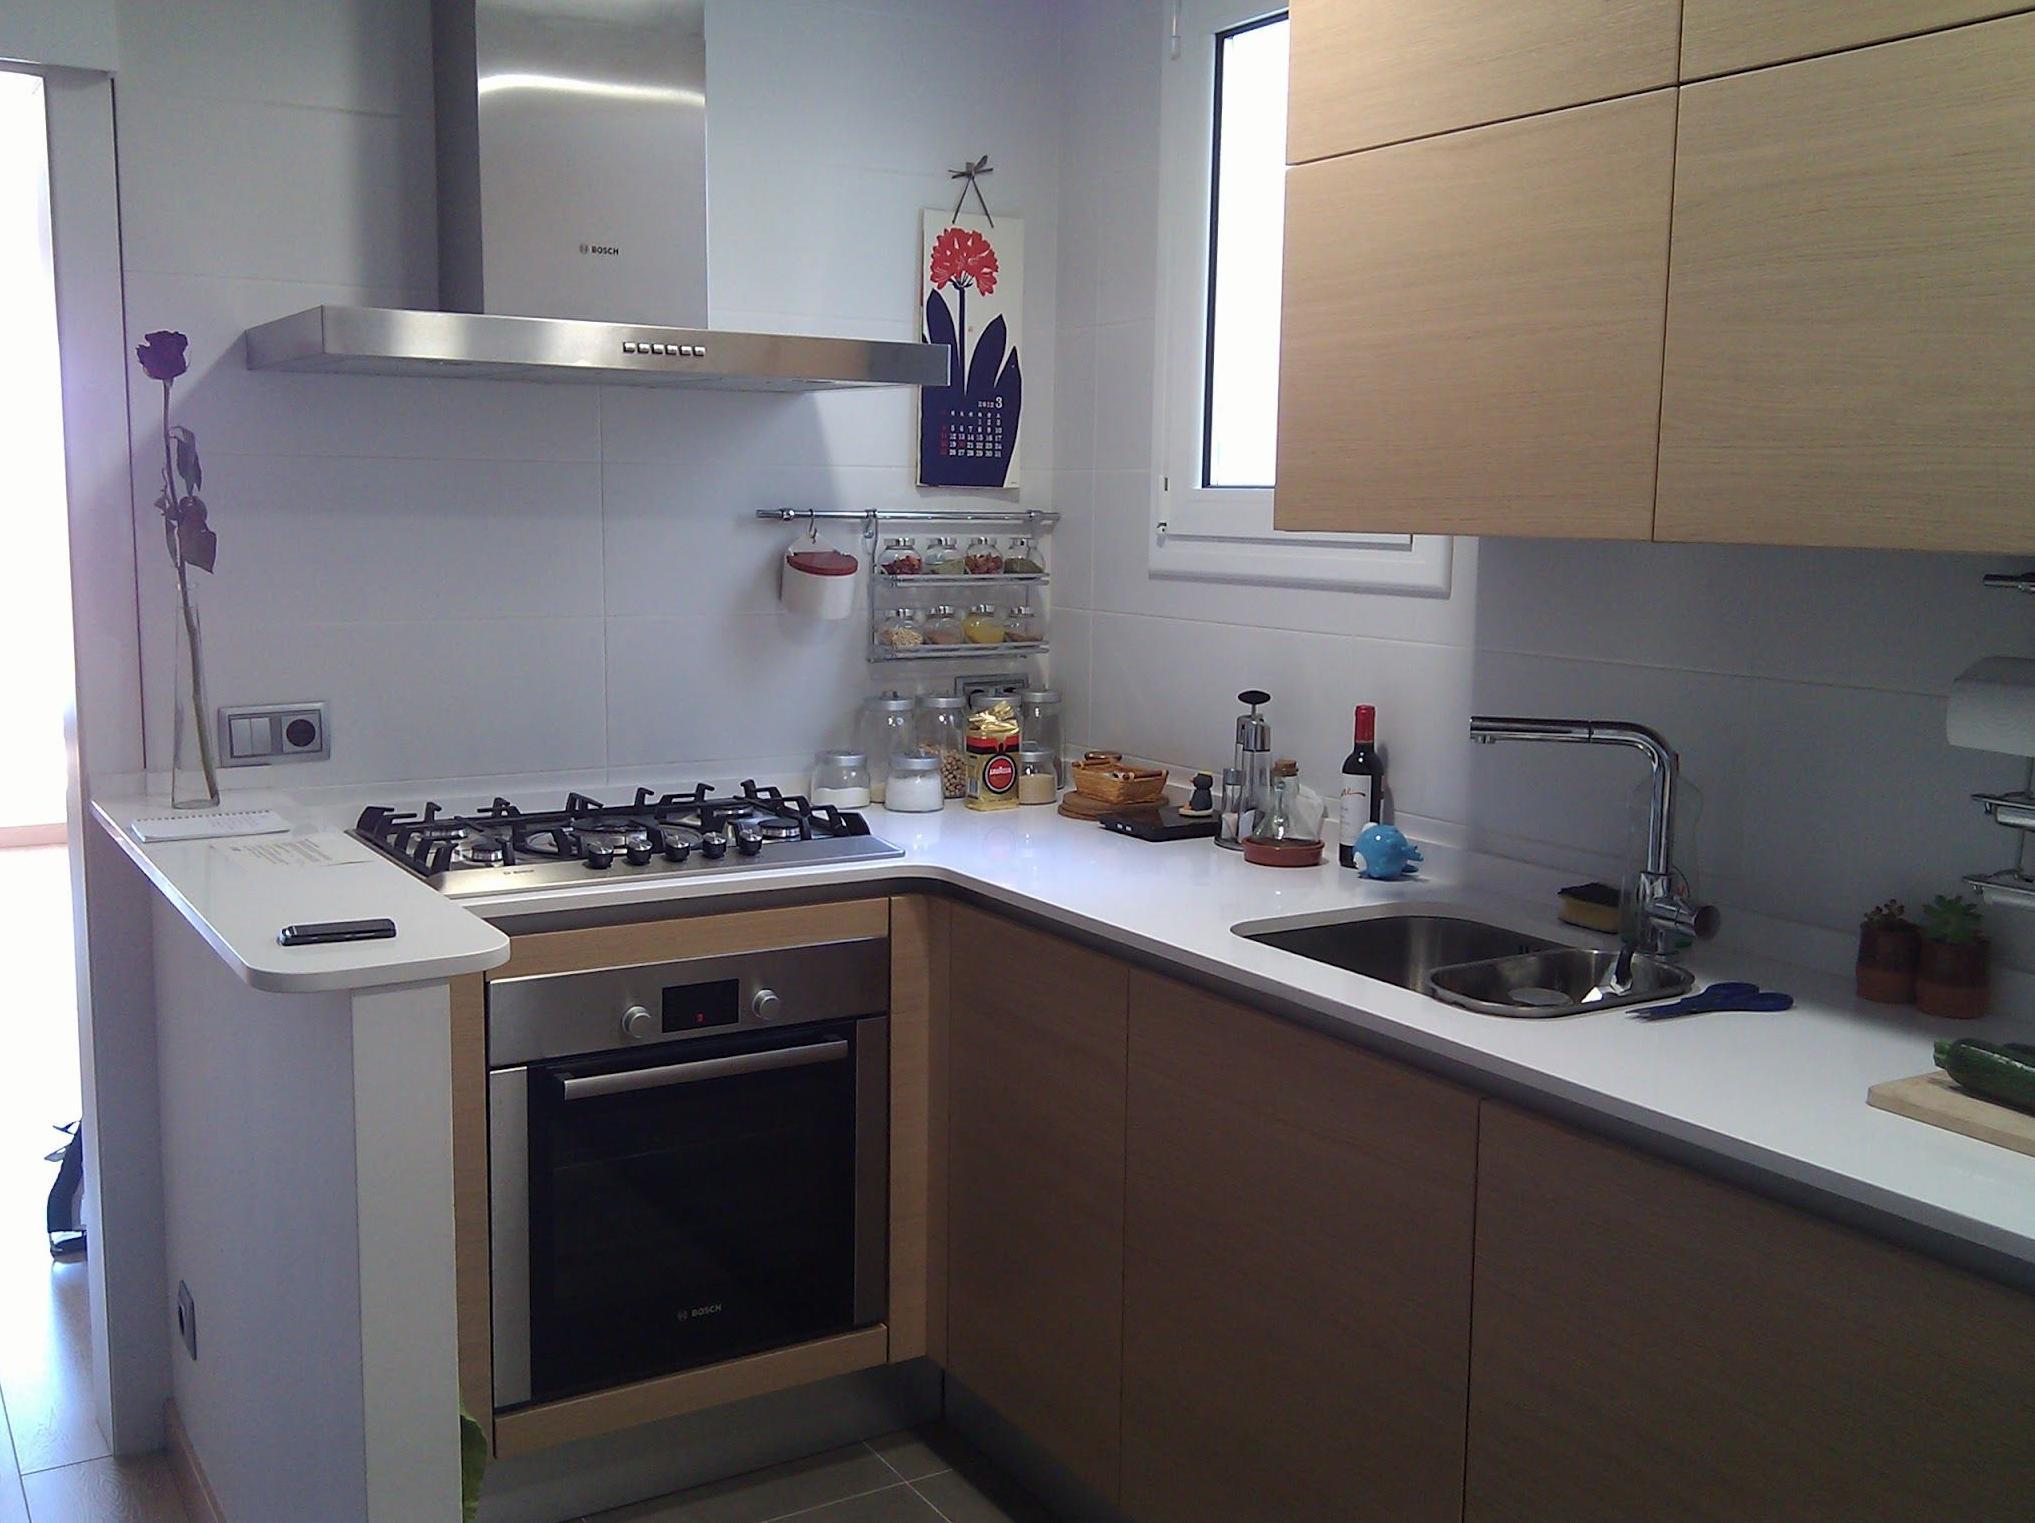 Instalar campana extractor en cocina servicios y productos de instal lacions davelor - Campanas de cocina ...